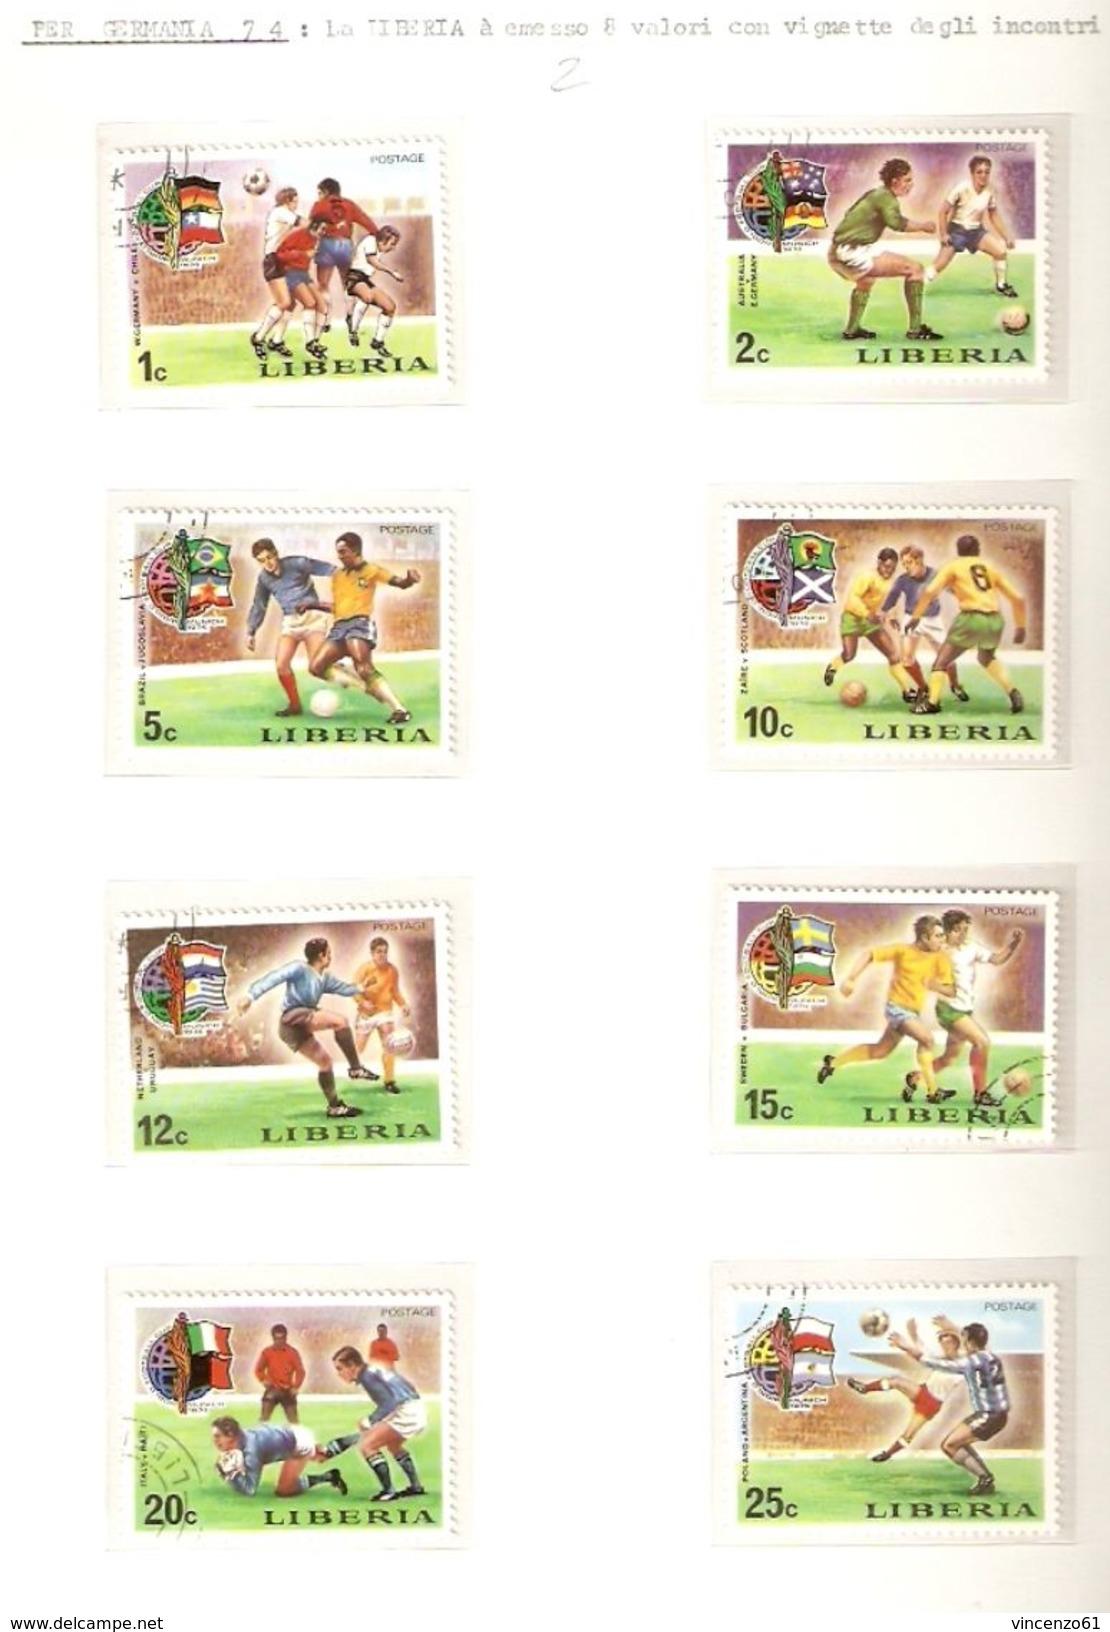 LIBERIA FIFA WORLD CUP 1974 GERMANY 1974 - Coppa Del Mondo